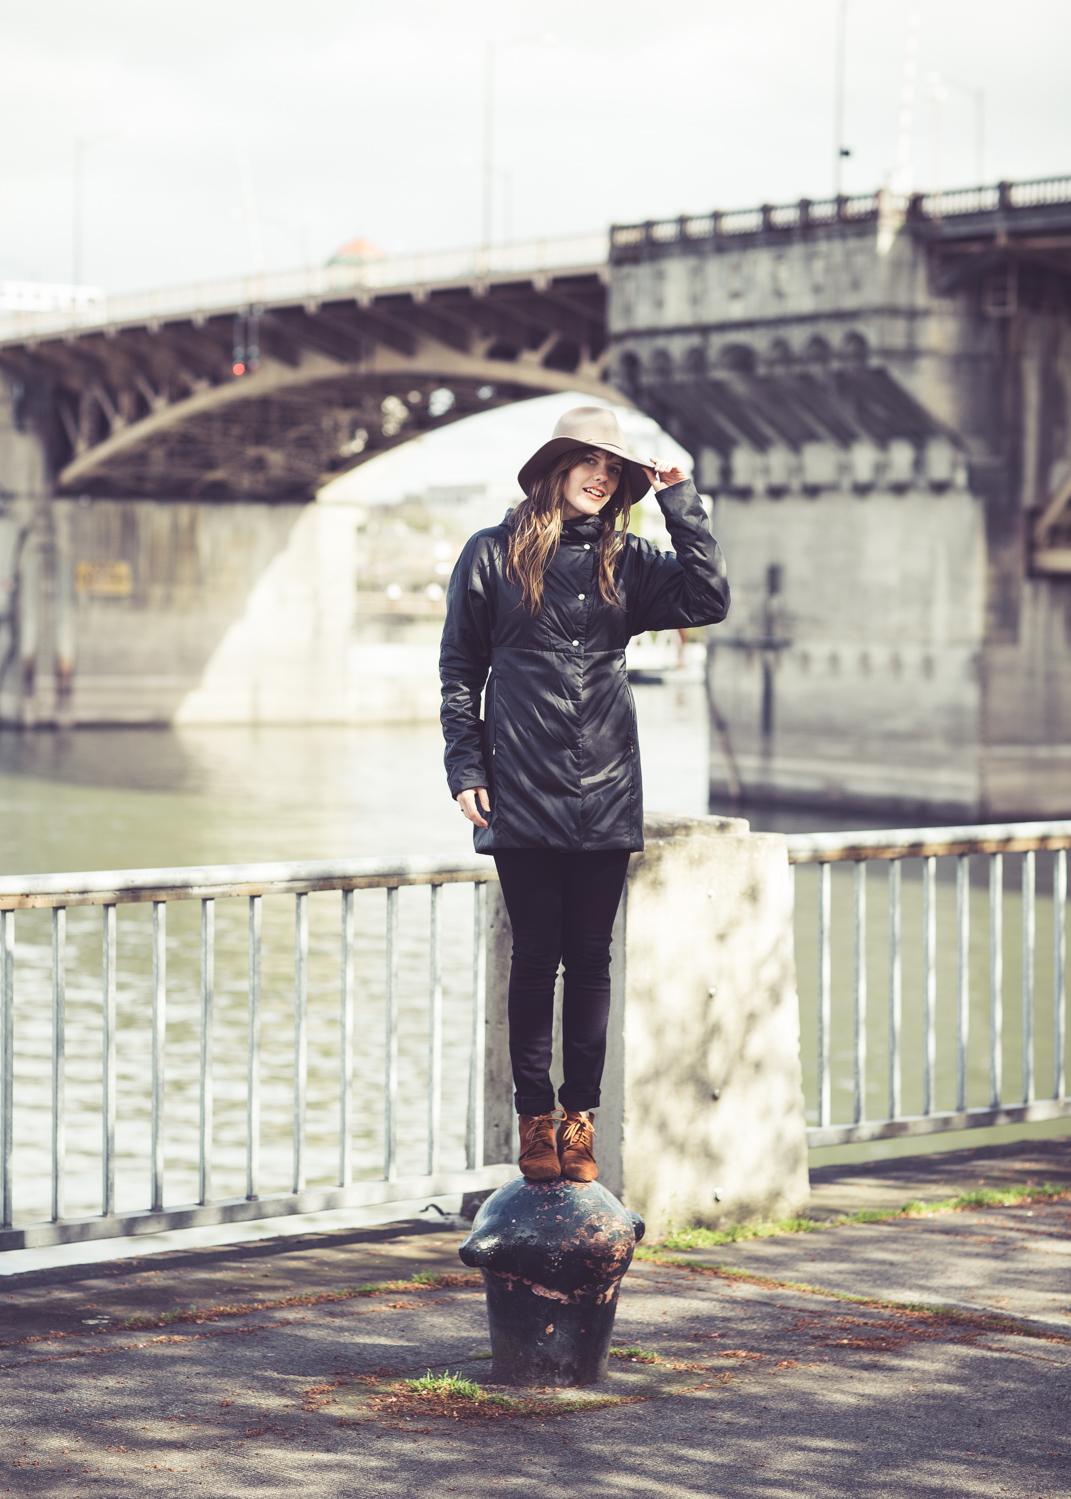 matt_d'annunzio_fashion_lifestyle-24.jpg